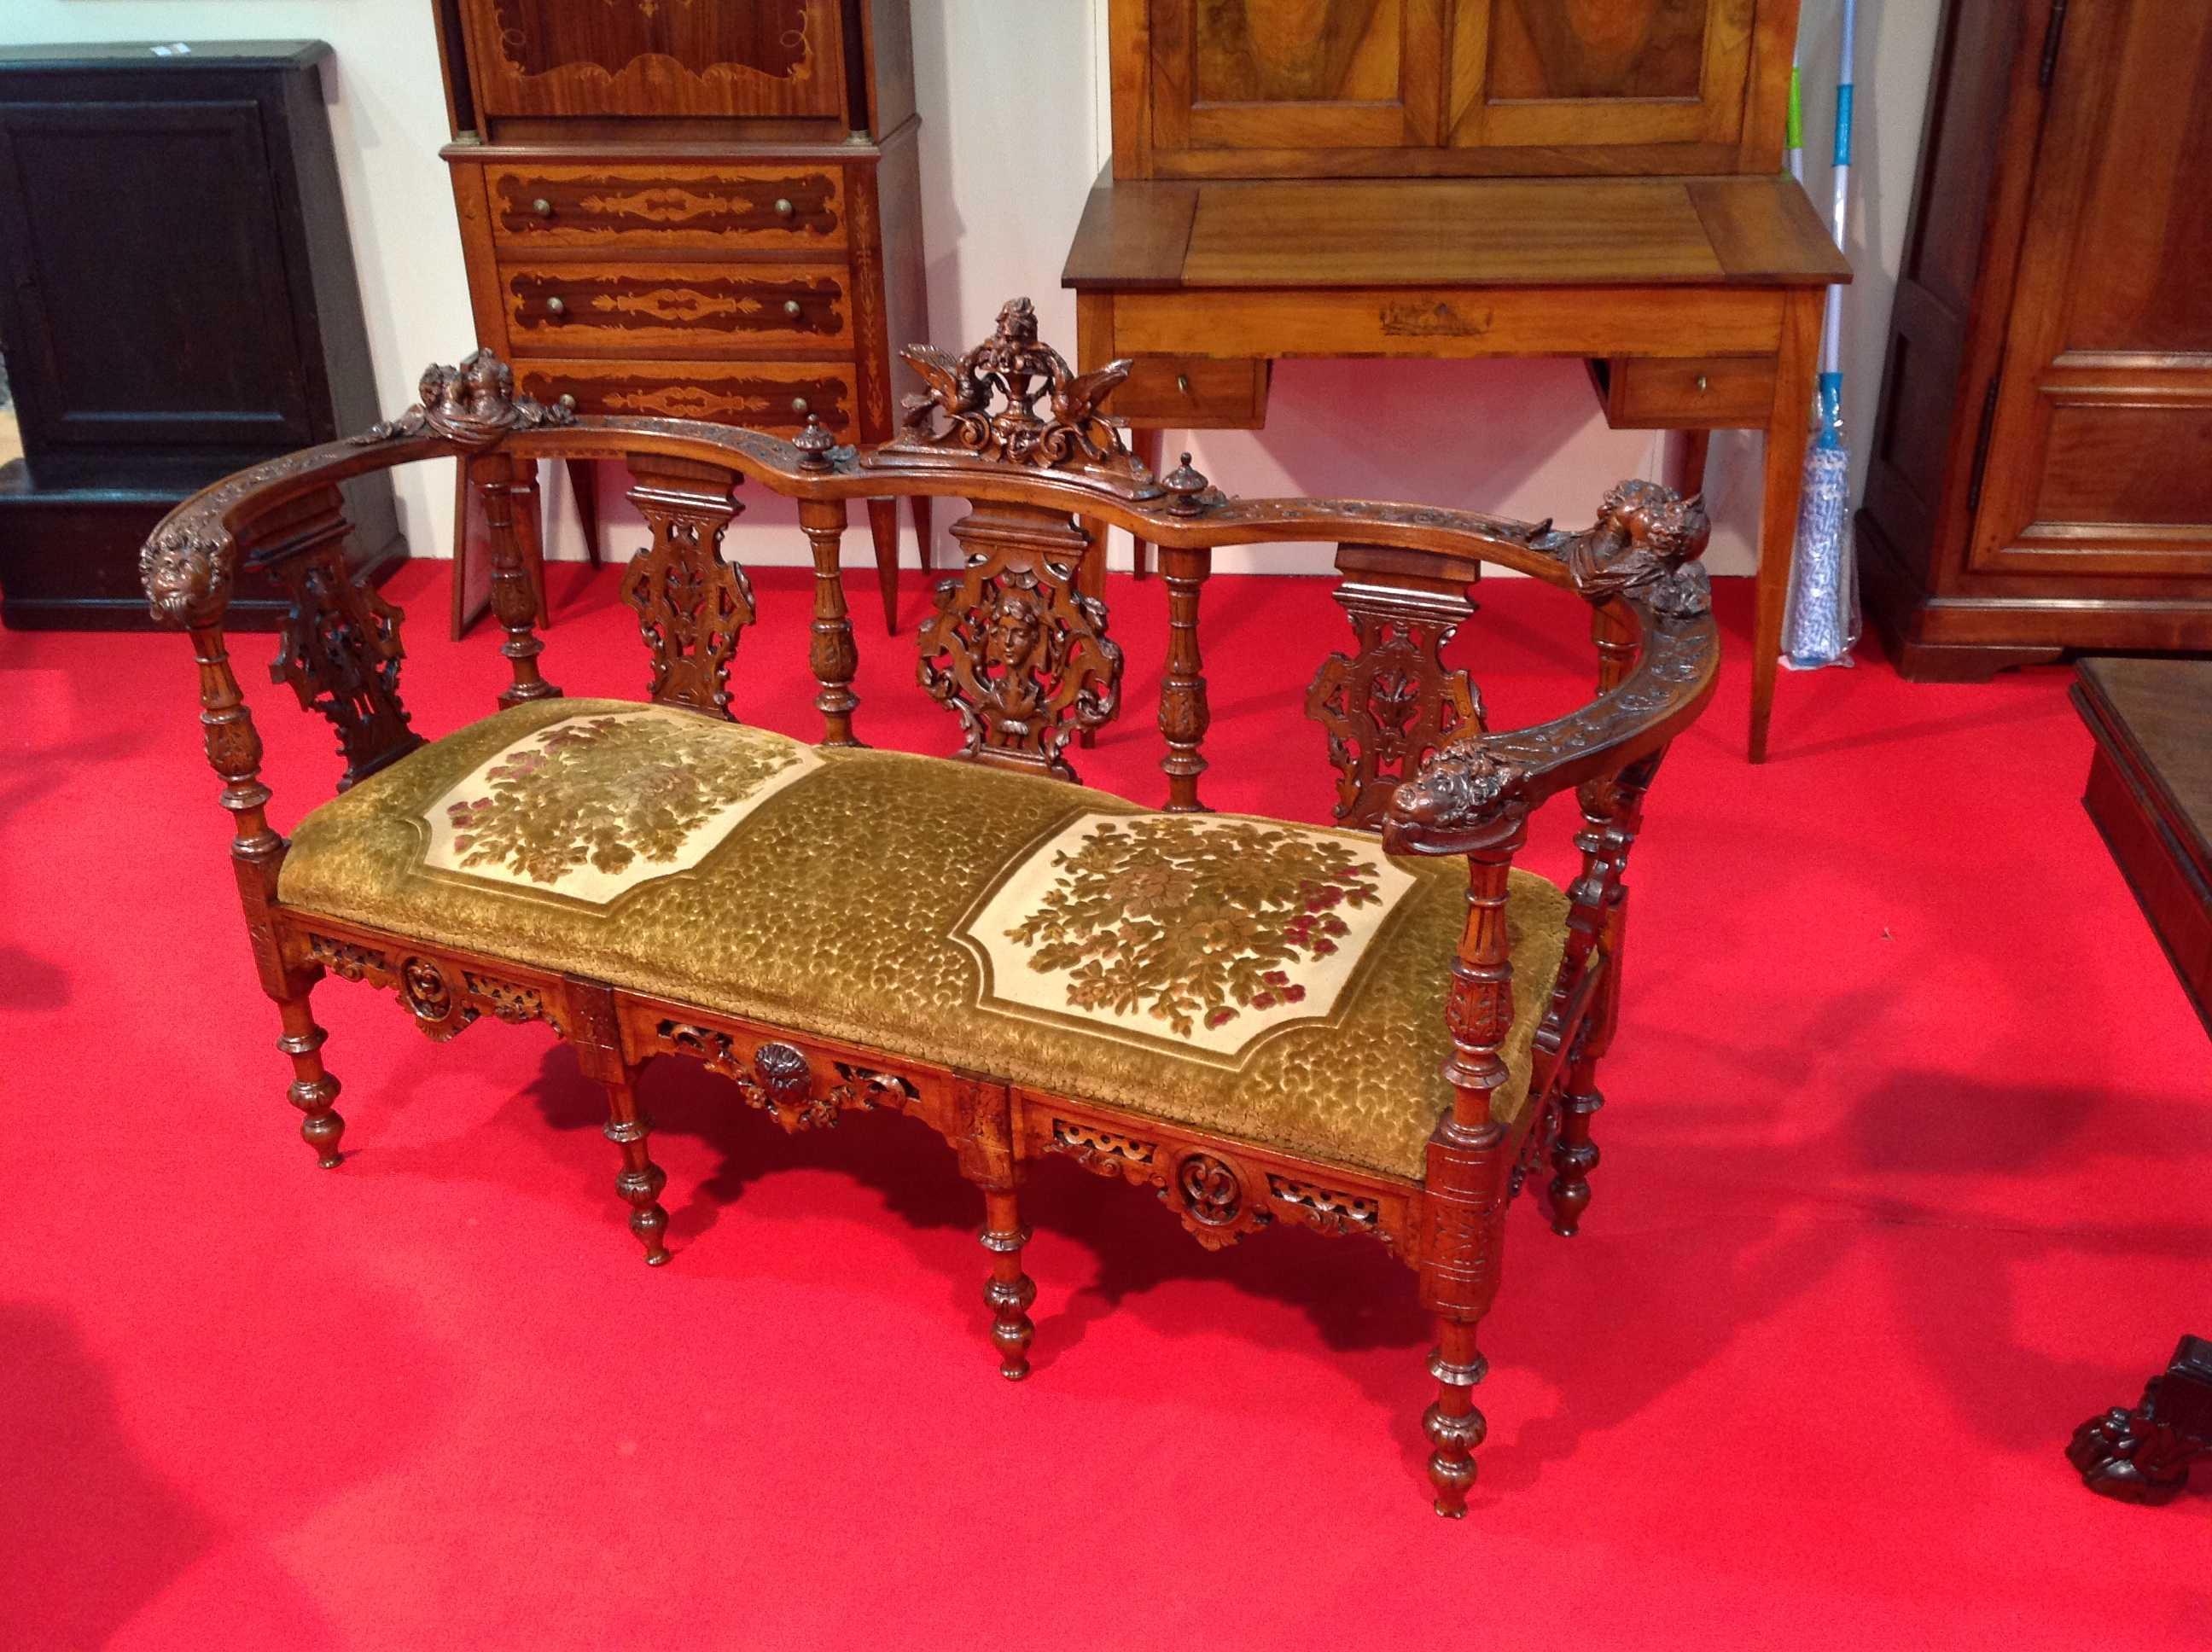 Divano stile eclettico arredamento mobili antiquariato for Arredamento stile eclettico